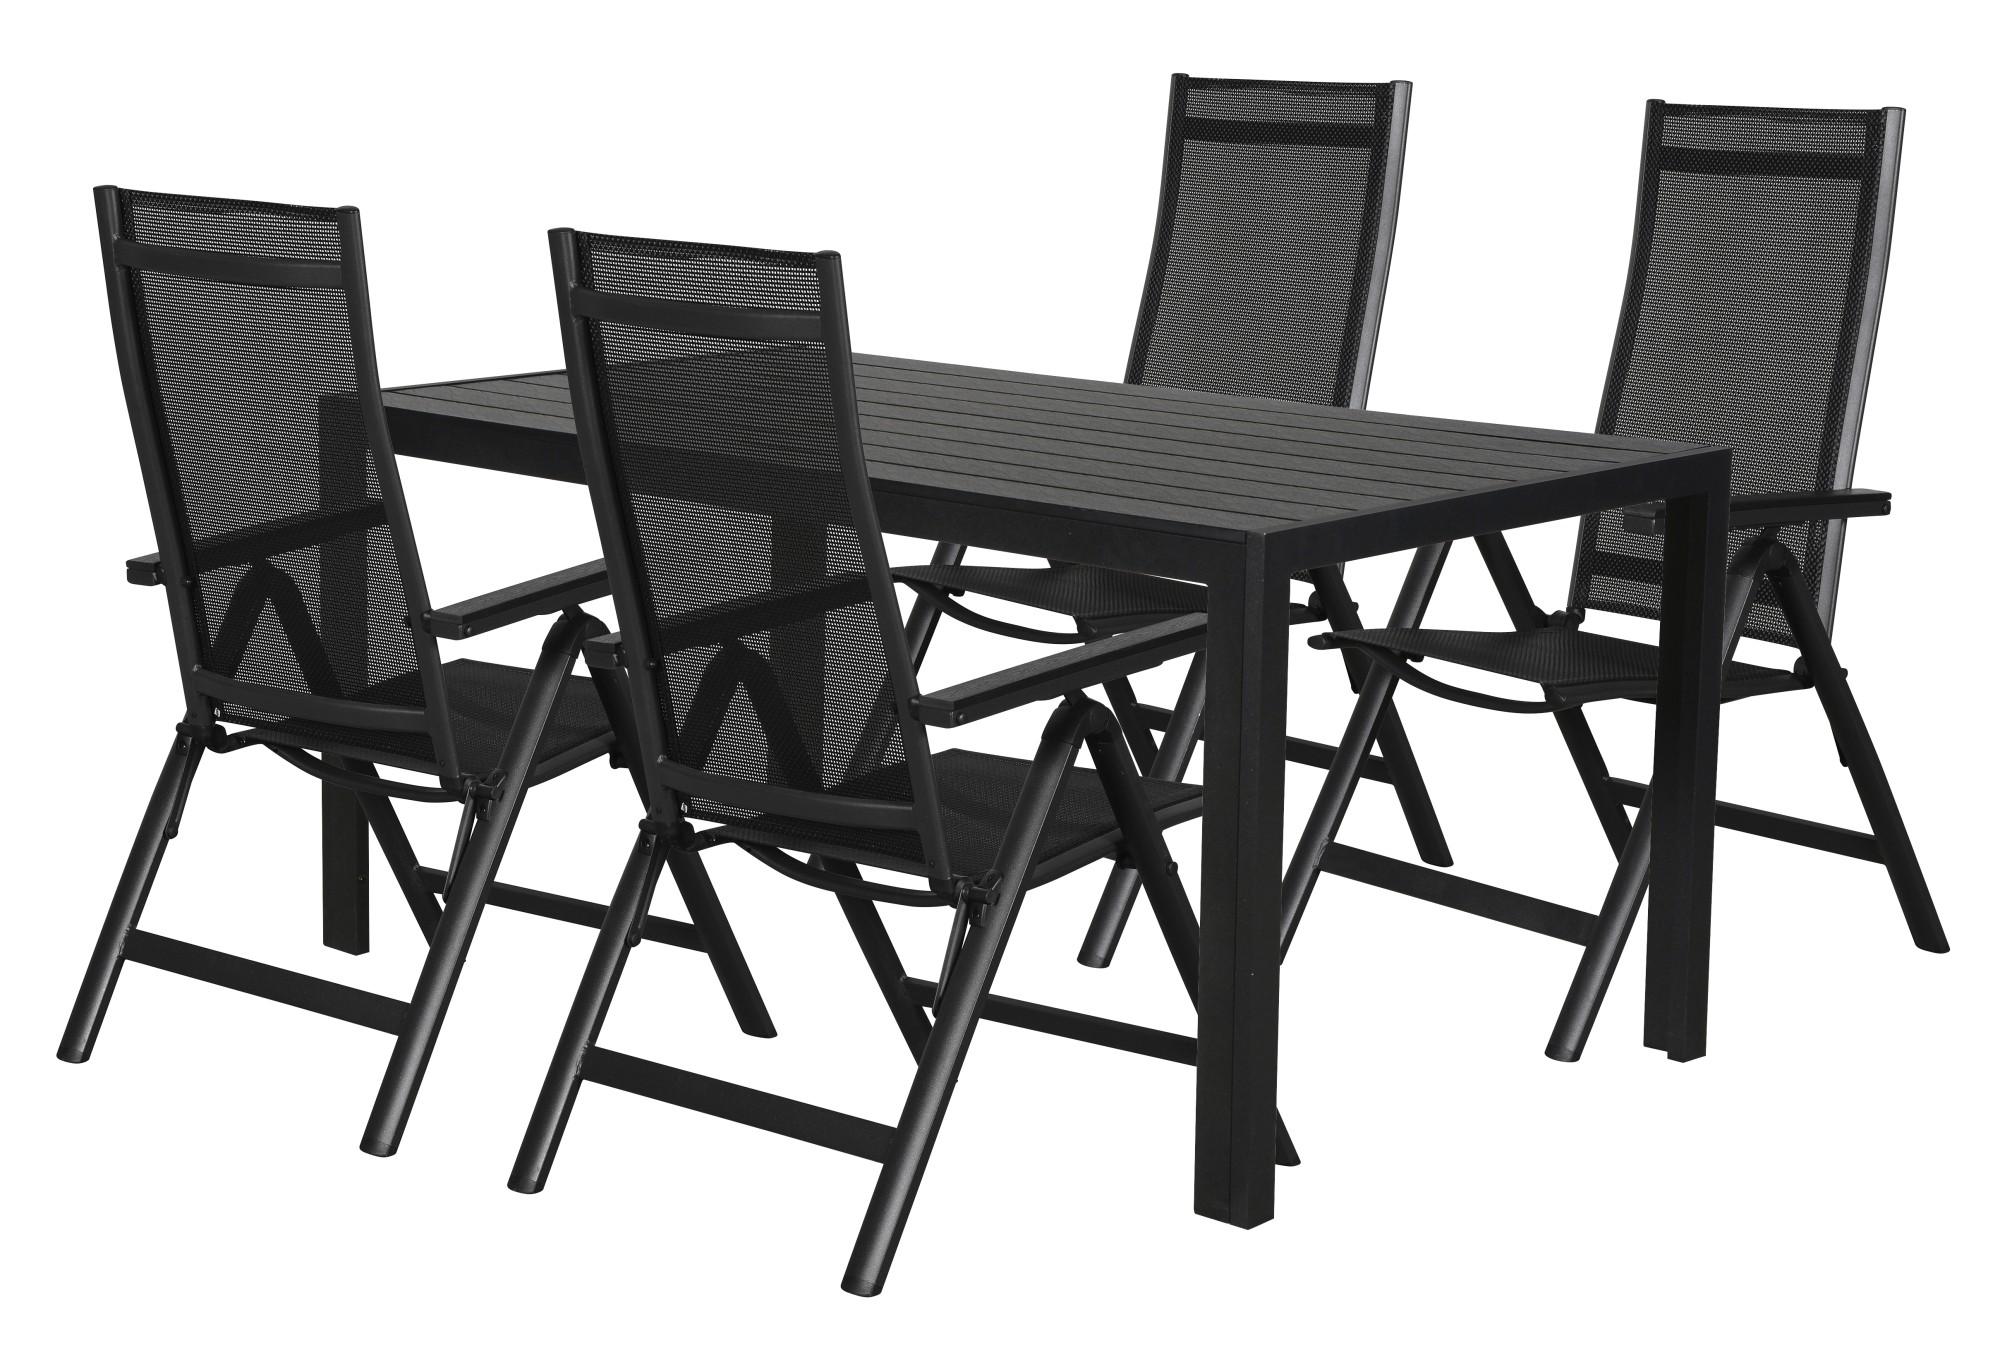 Gartenmöbel Set Cult Garten Tisch 4 Stühle Polyrattan Esstisch Stuhl Schwarz Dynamic 24 De